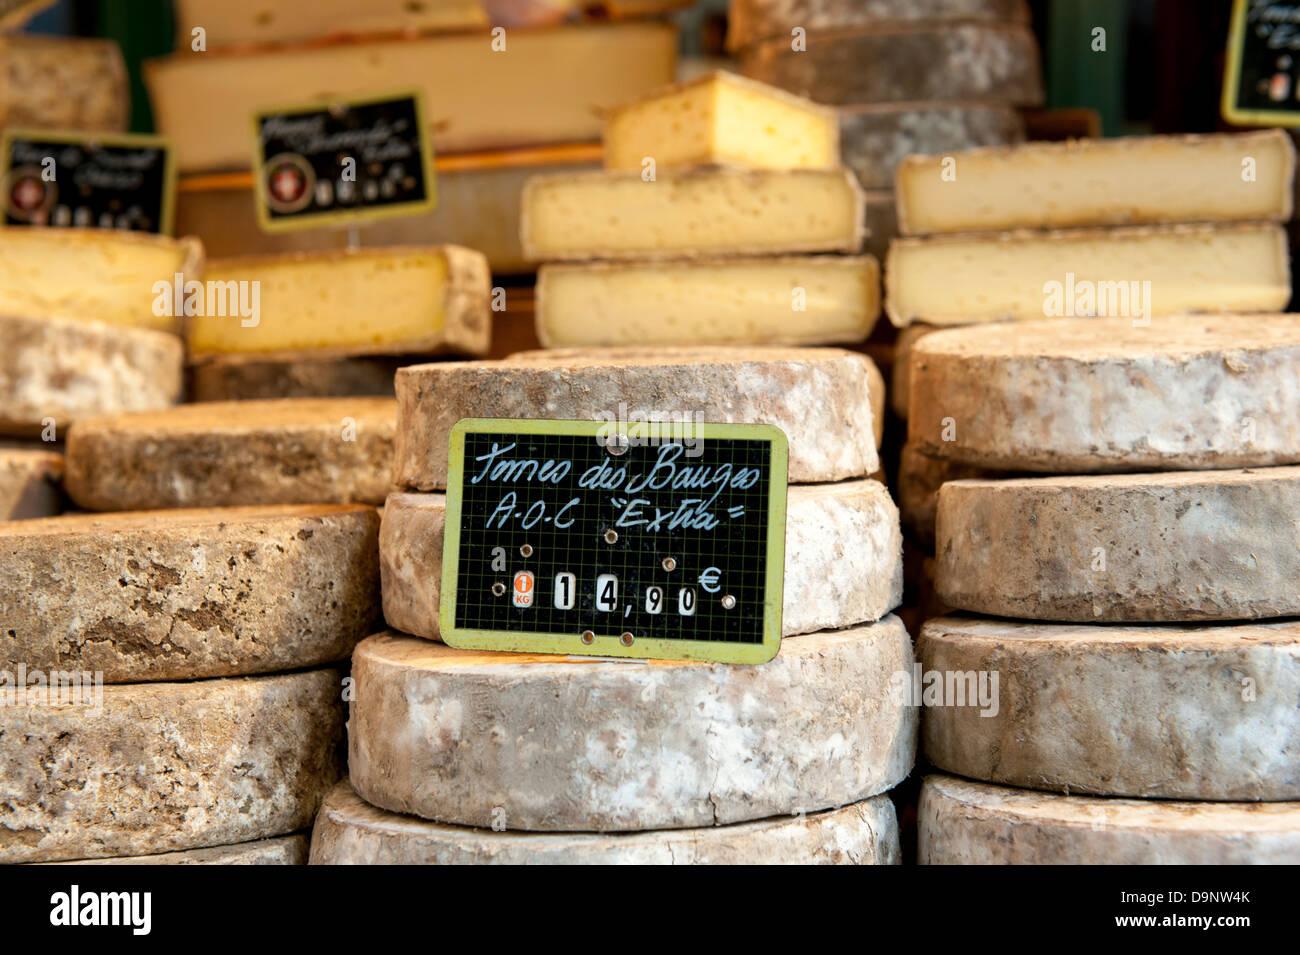 Stapel von Beaufort Bergkäse in der Altstadt Markt, Annecy, Haute-Savoie, Frankreich Stockbild